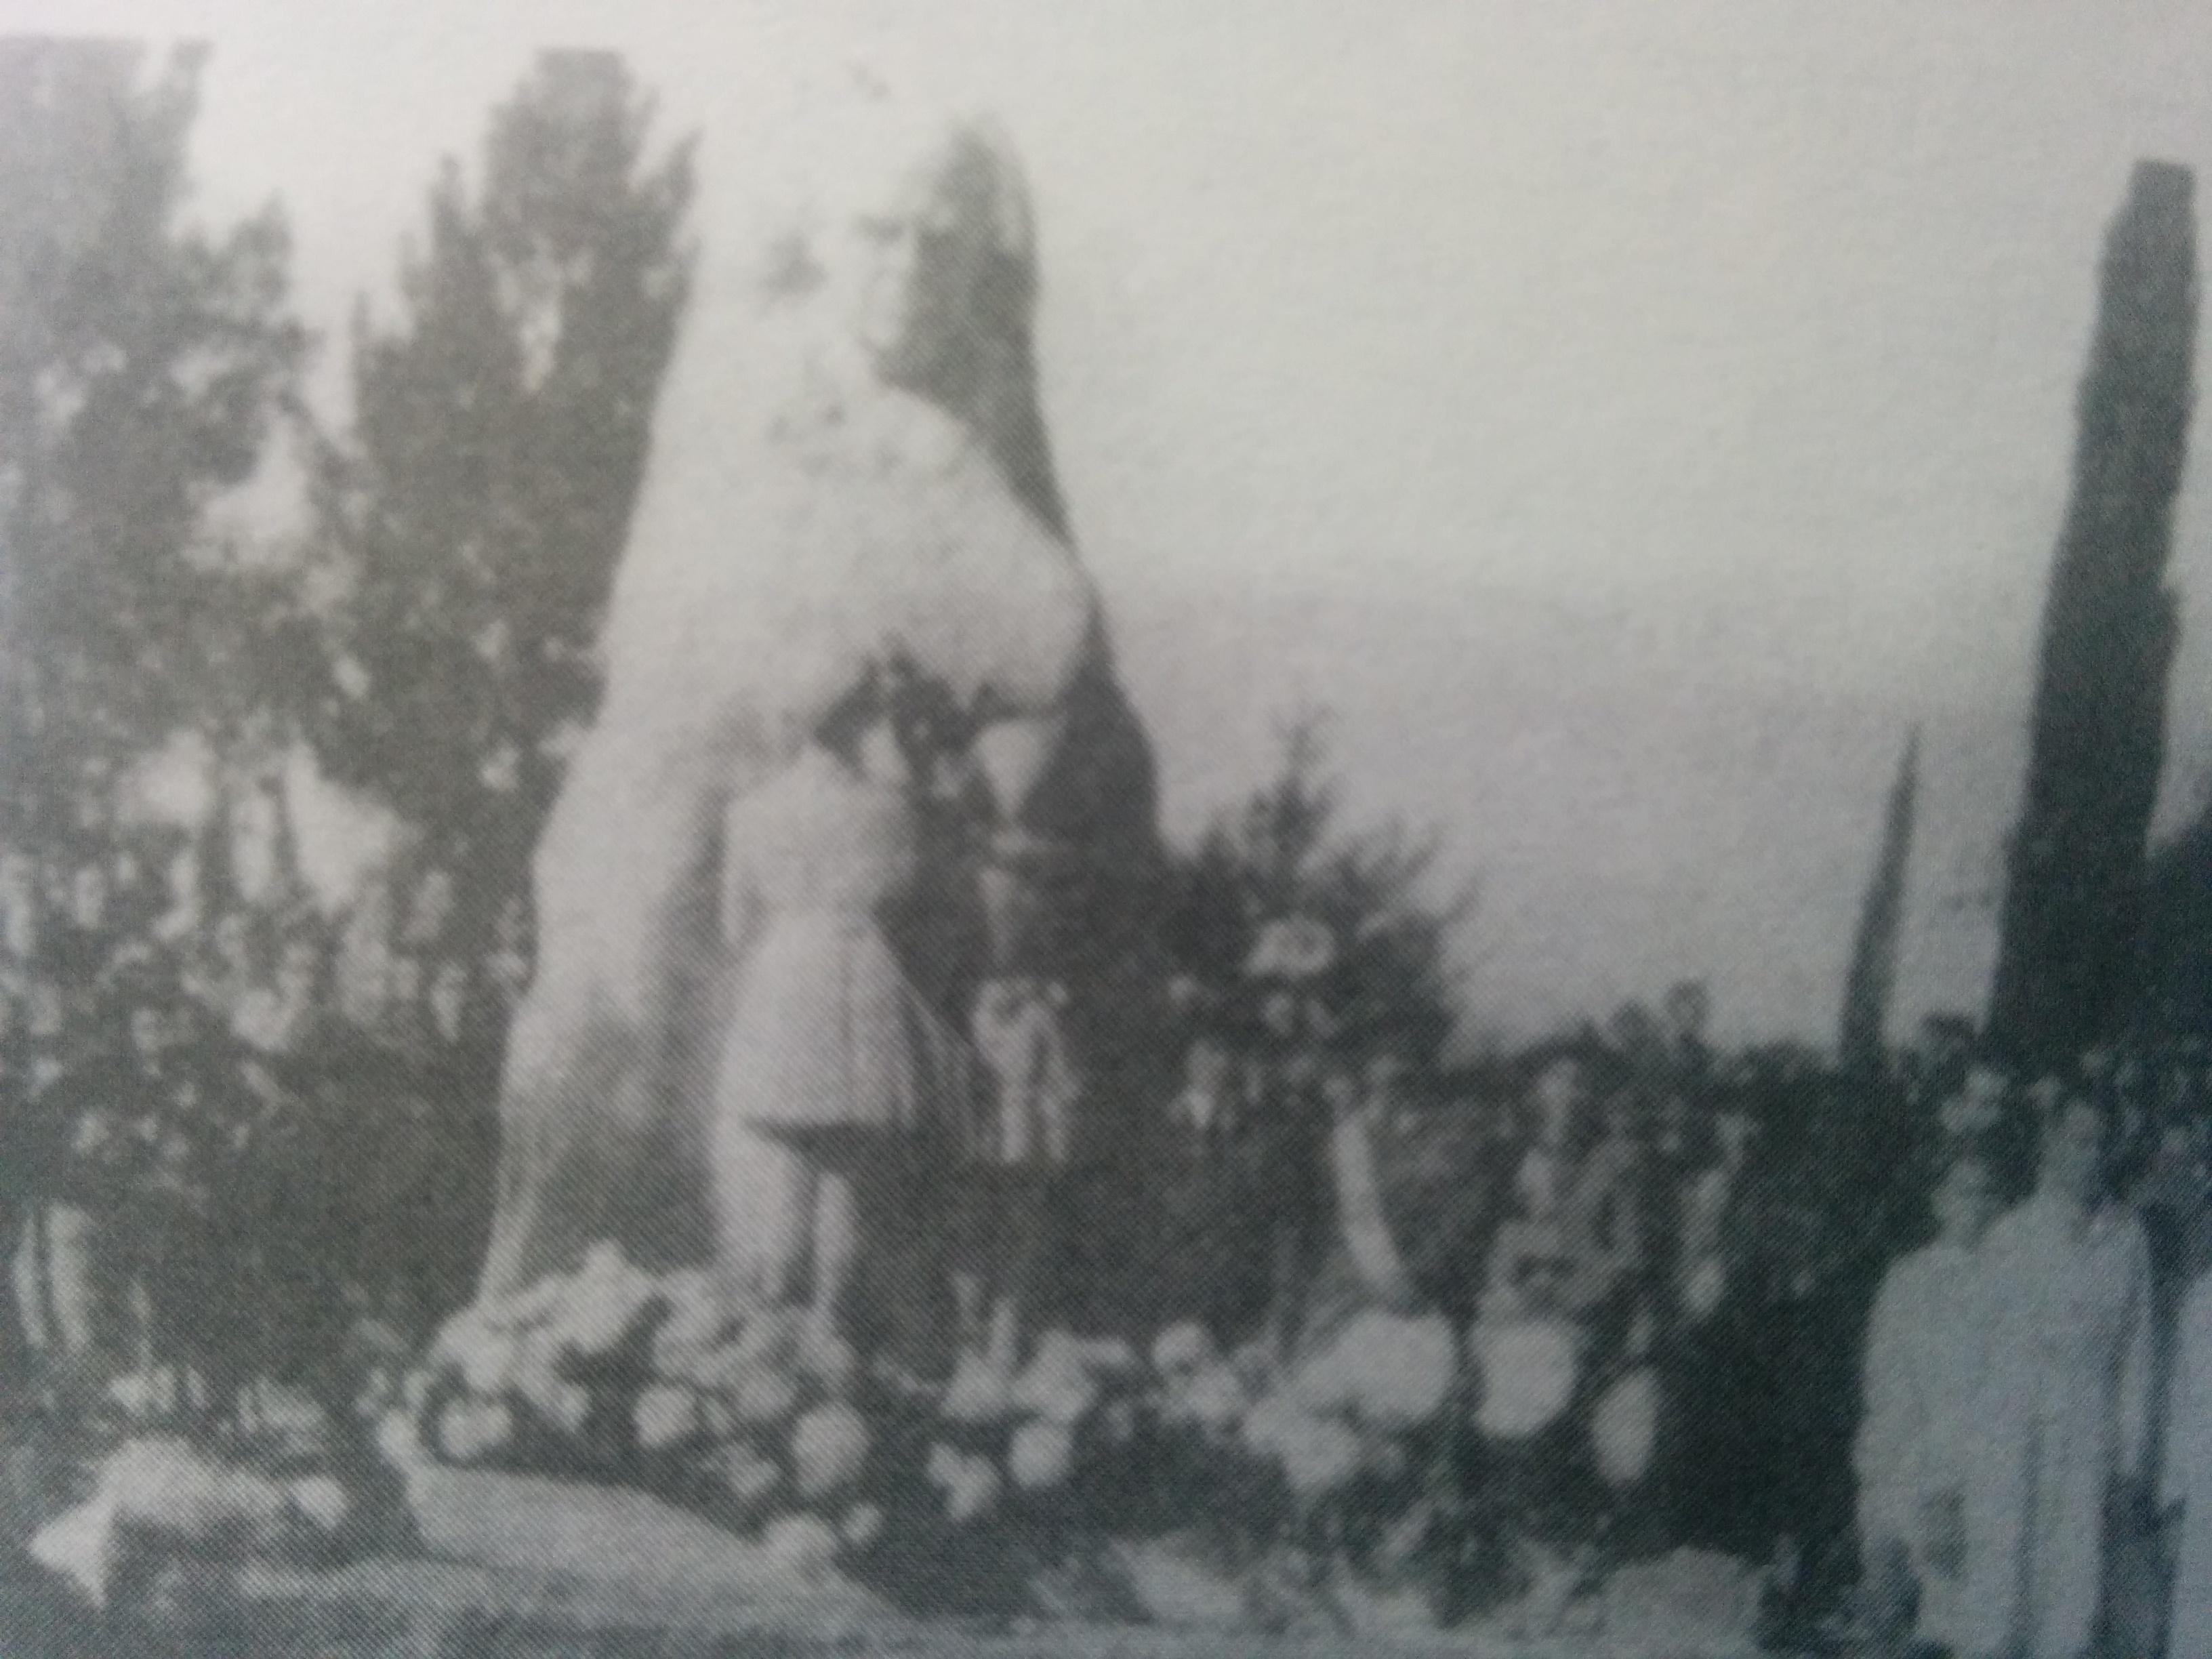 Monumento a Domingo Faustino Sarmiento, en la plaza 9 de Julio, inaugurado el 25 de mayo de 1944.